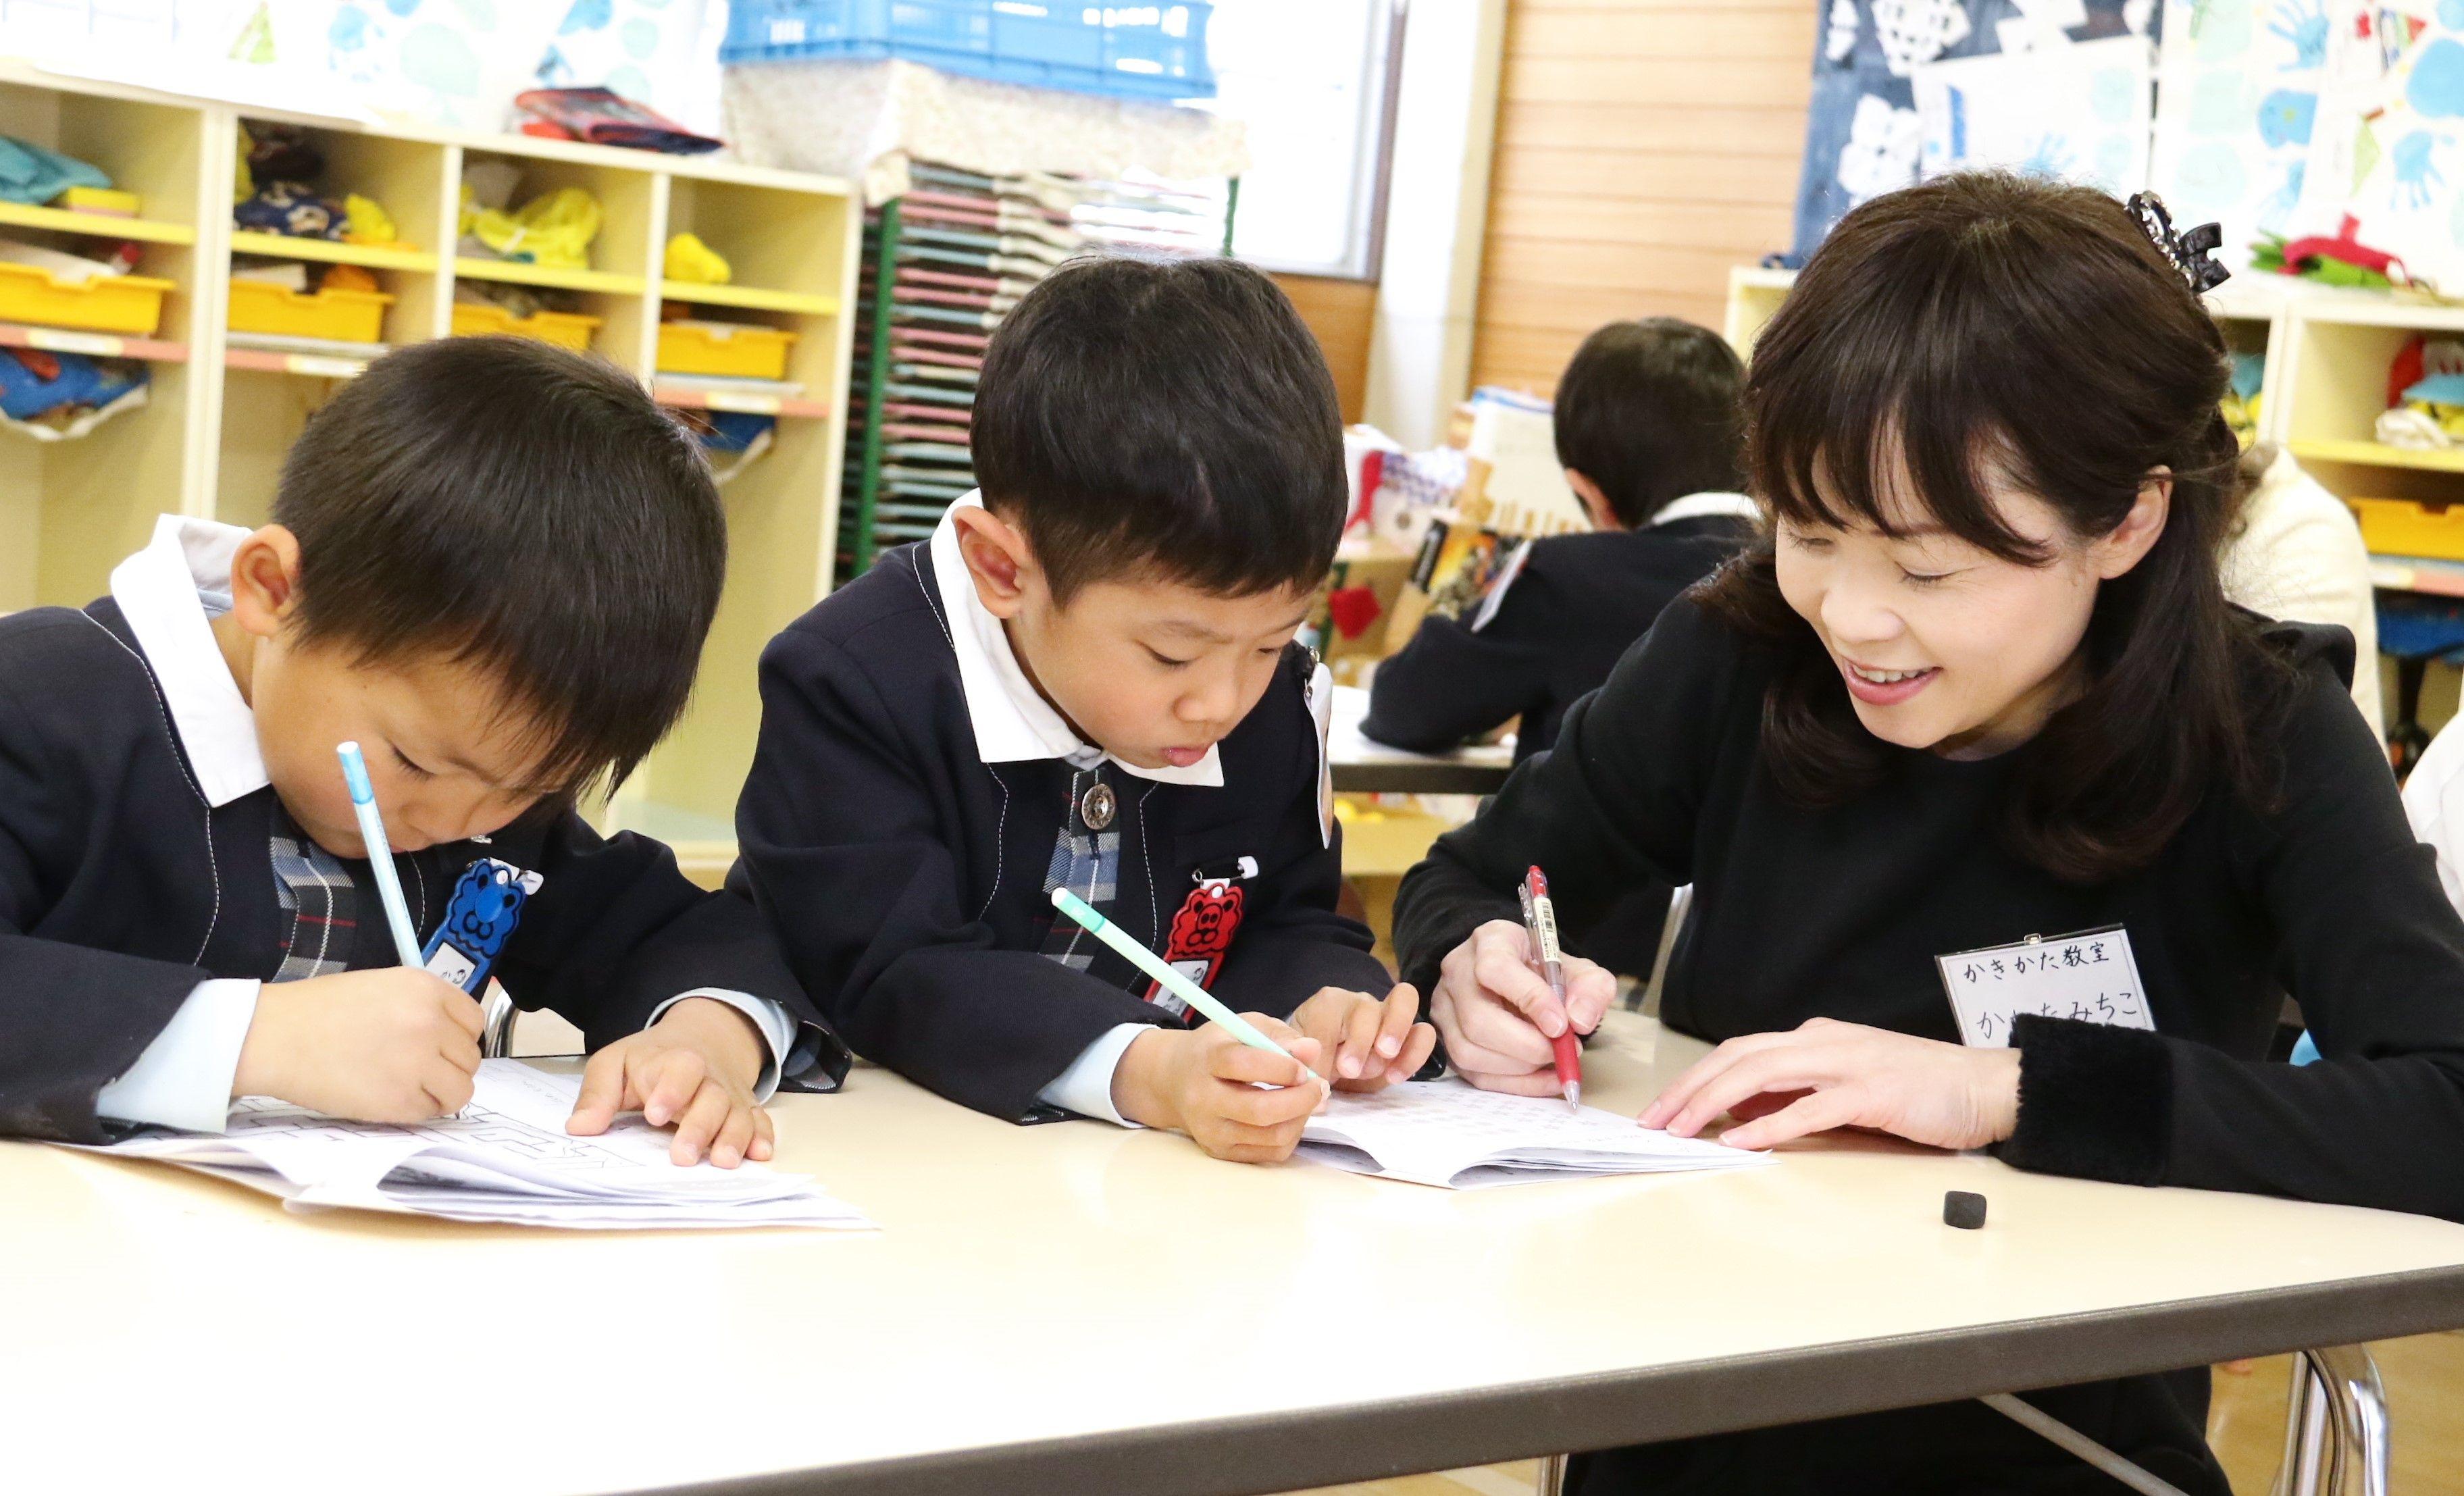 私を変えた子ども達の笑顔!平成の寺子屋~子ども達のための かきかた教室~